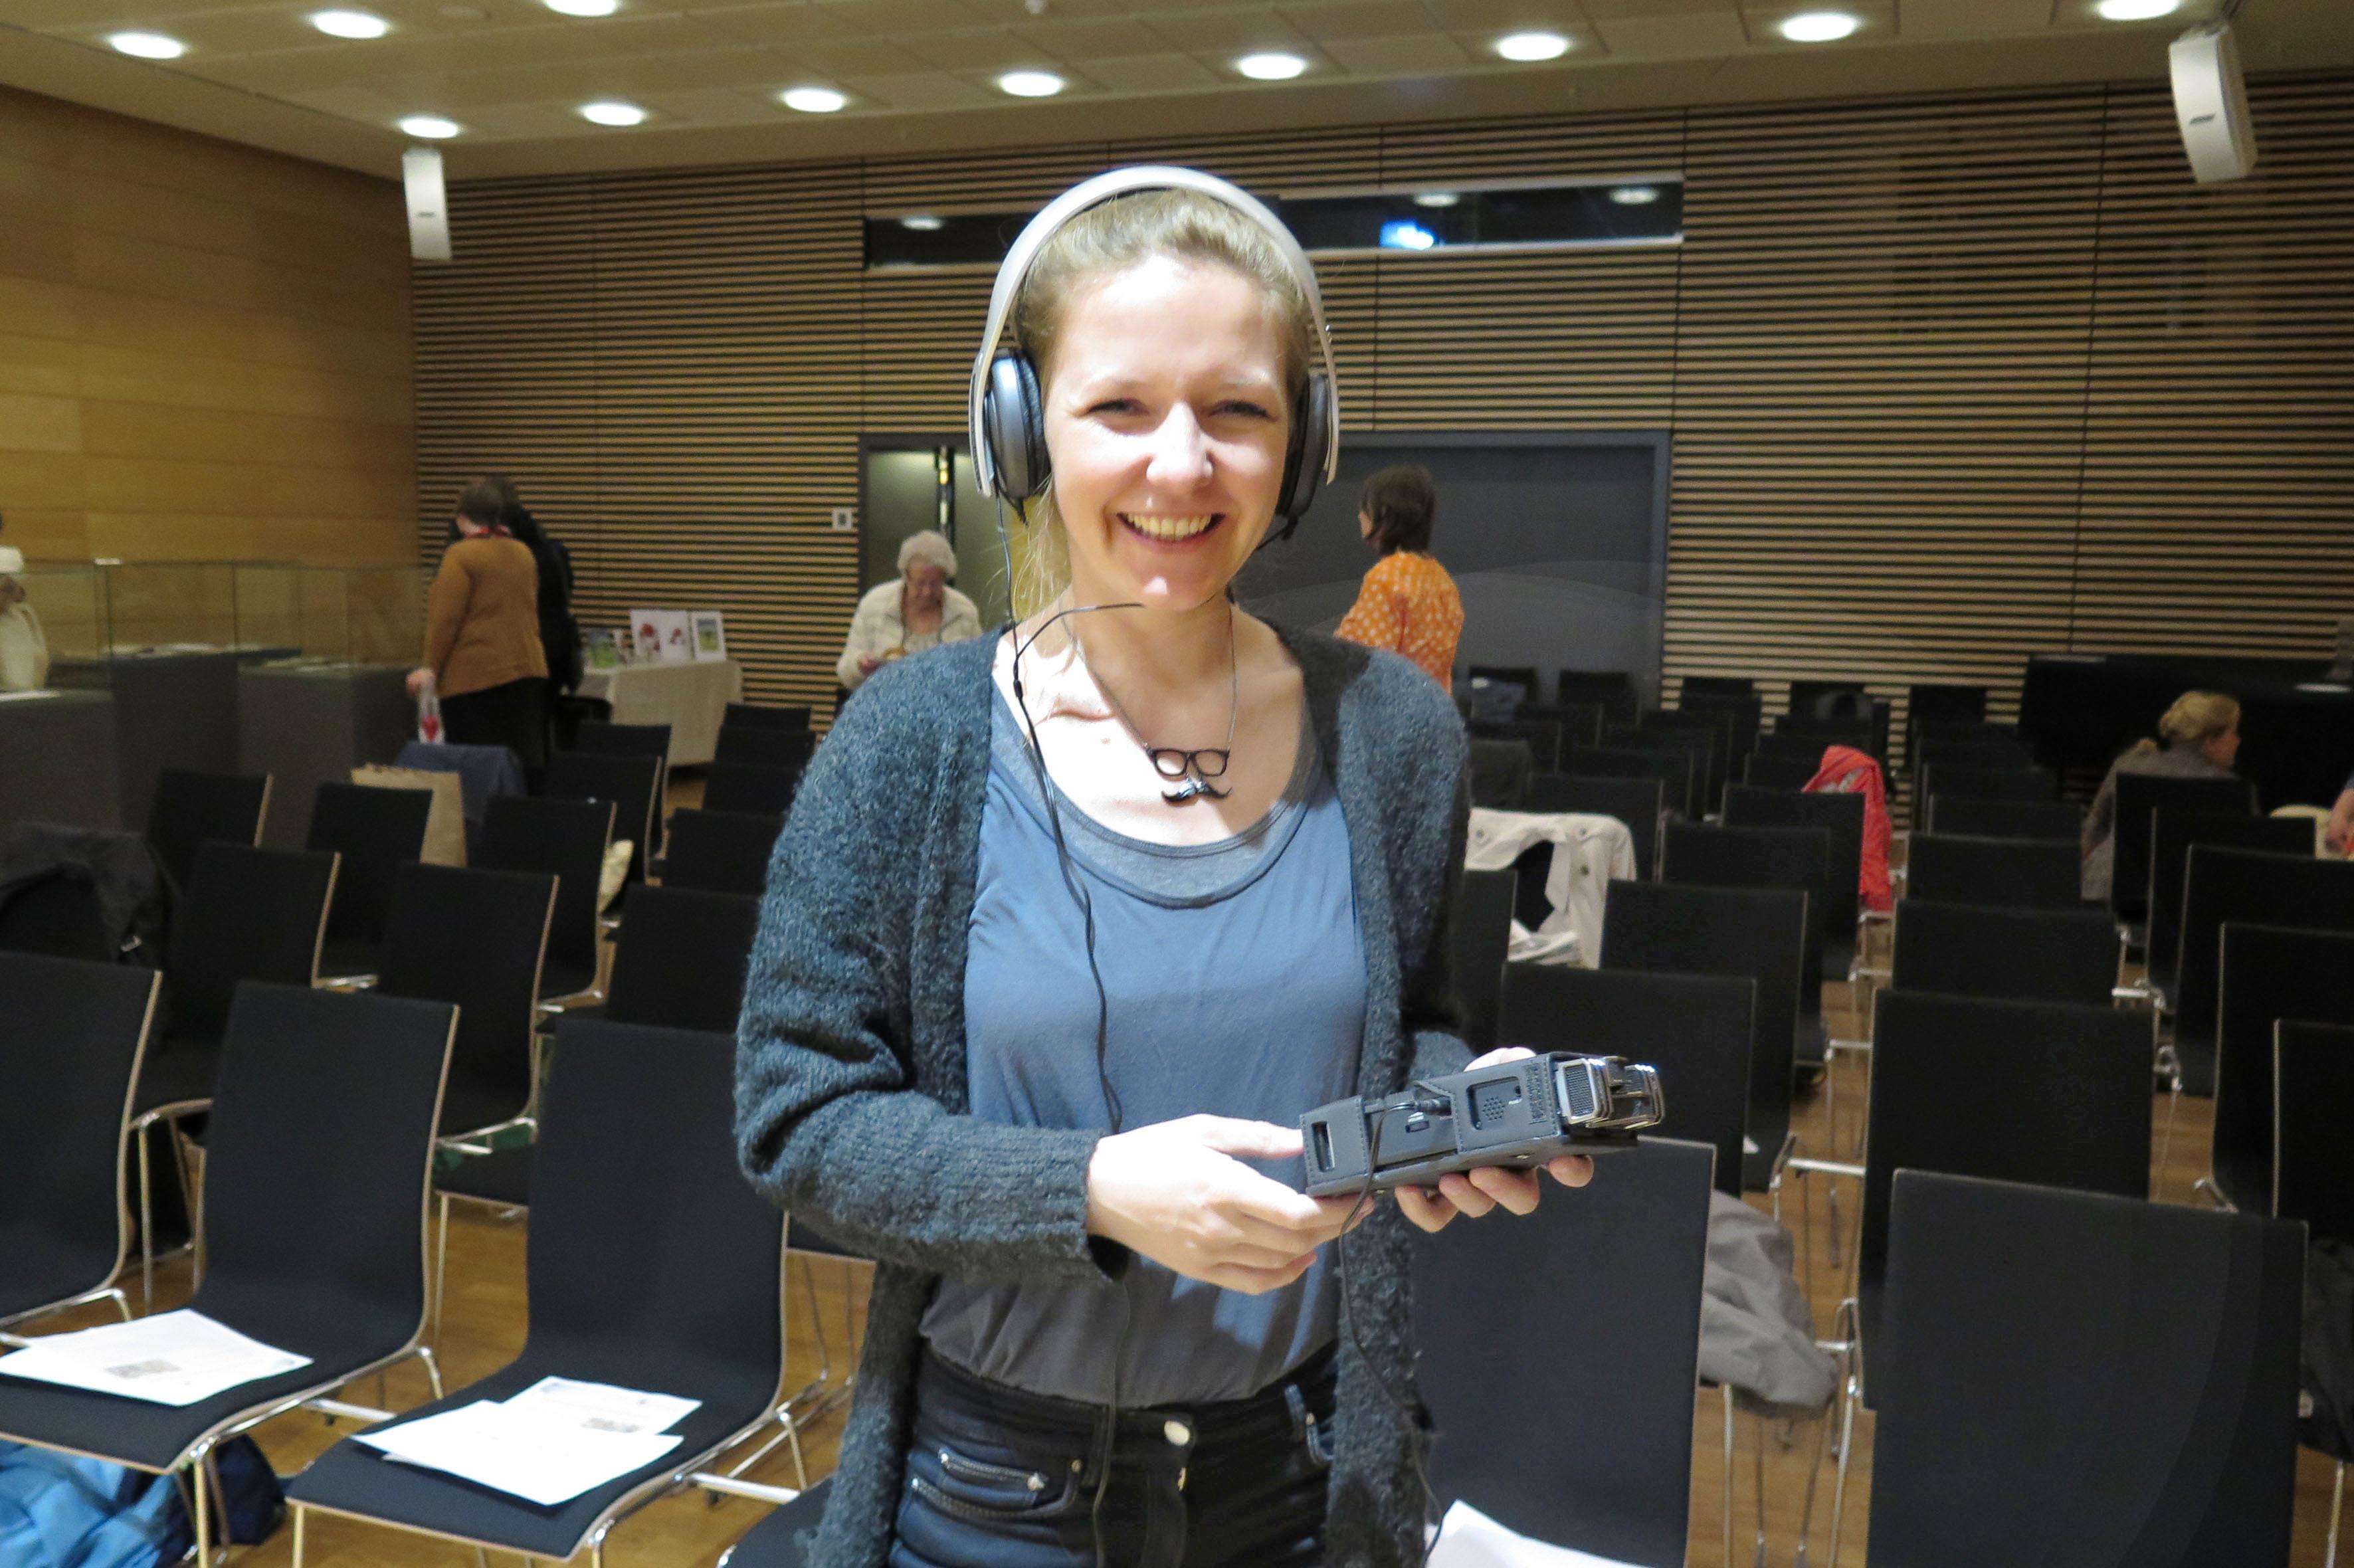 Lager radiodokumentar om ung kvensk identitet